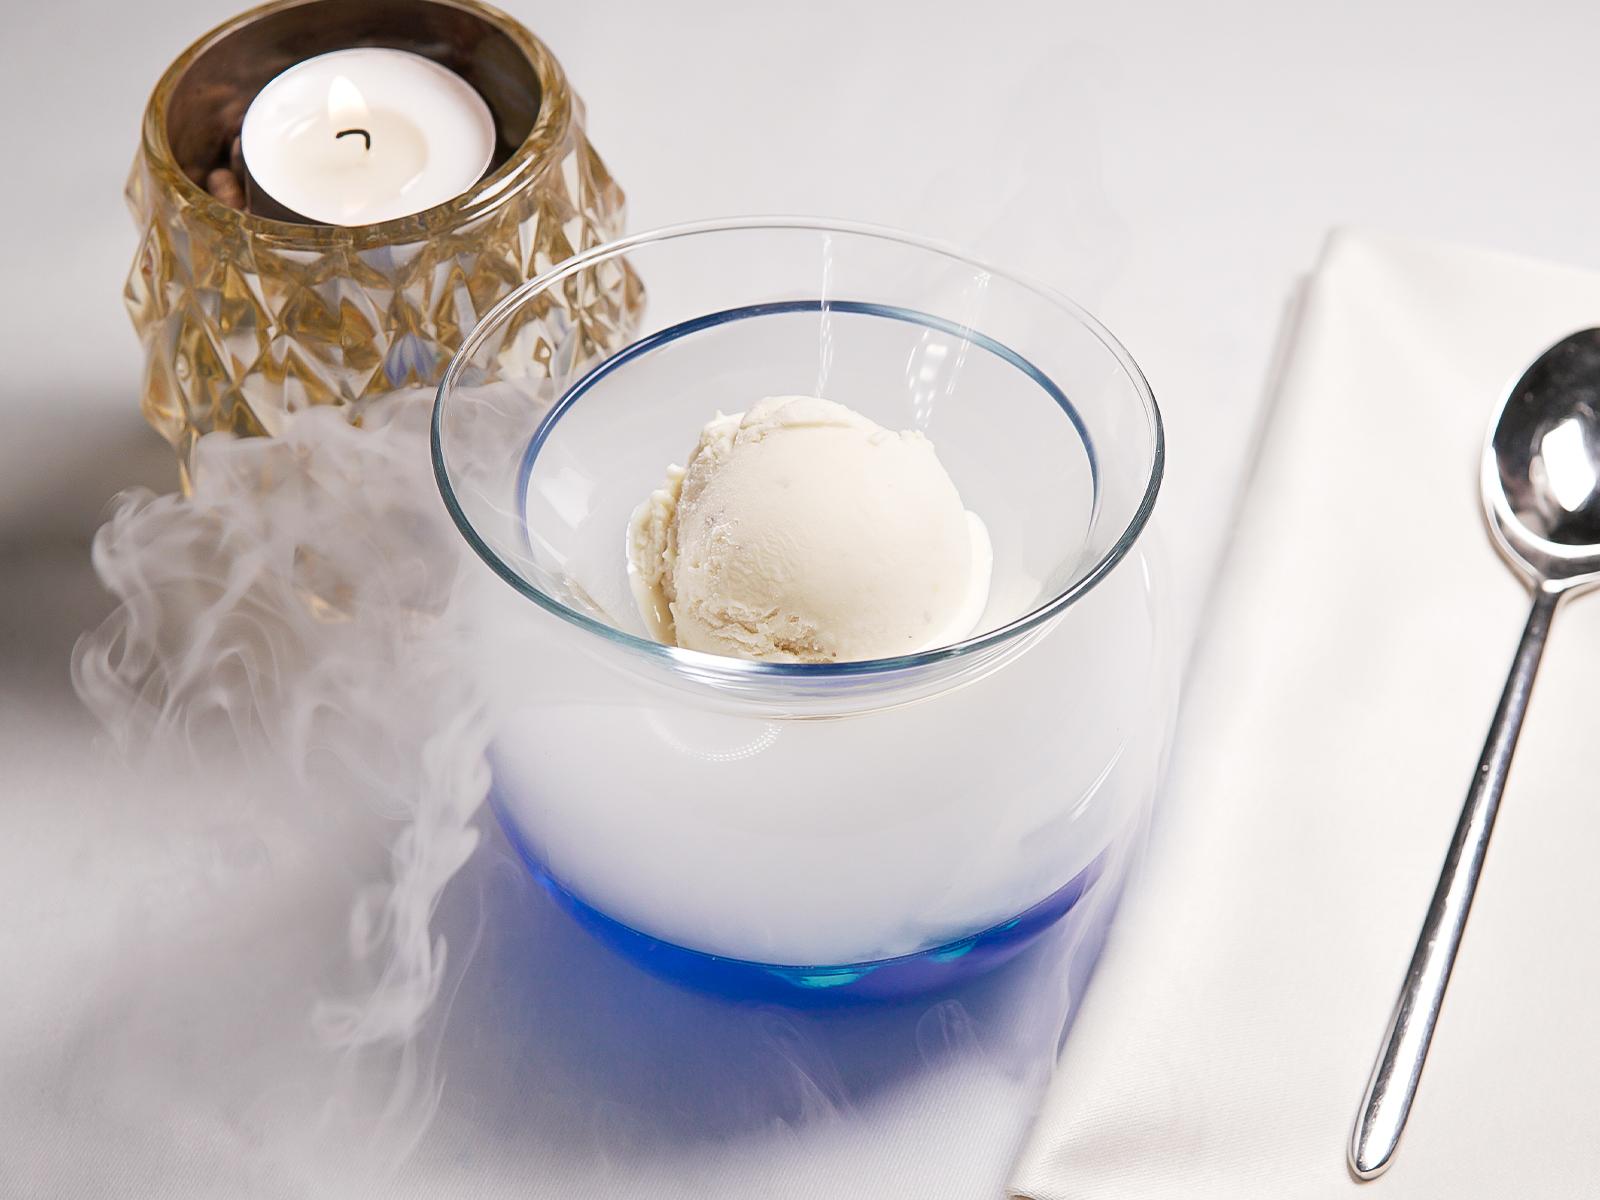 Cedar ice-cream with a pine aftertaste